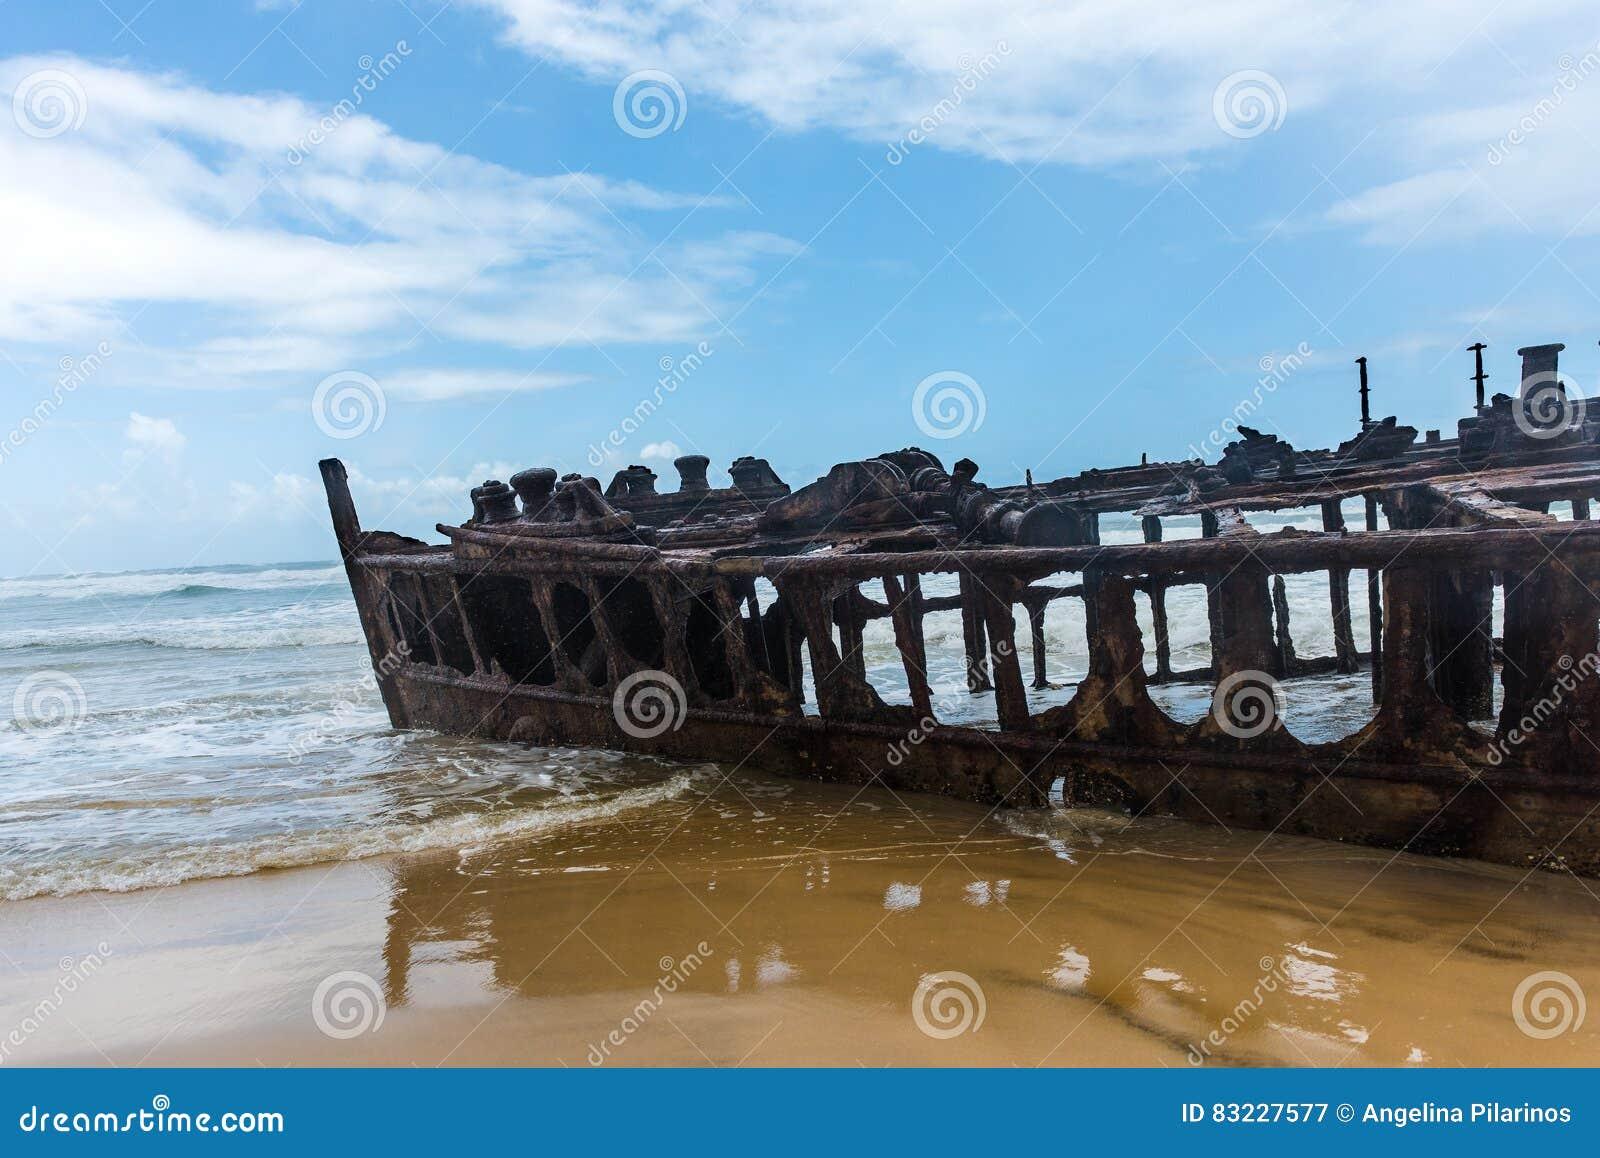 Forro Shipwrecked S S Maheno na costa de Fraser Island em Queensland, Austrália